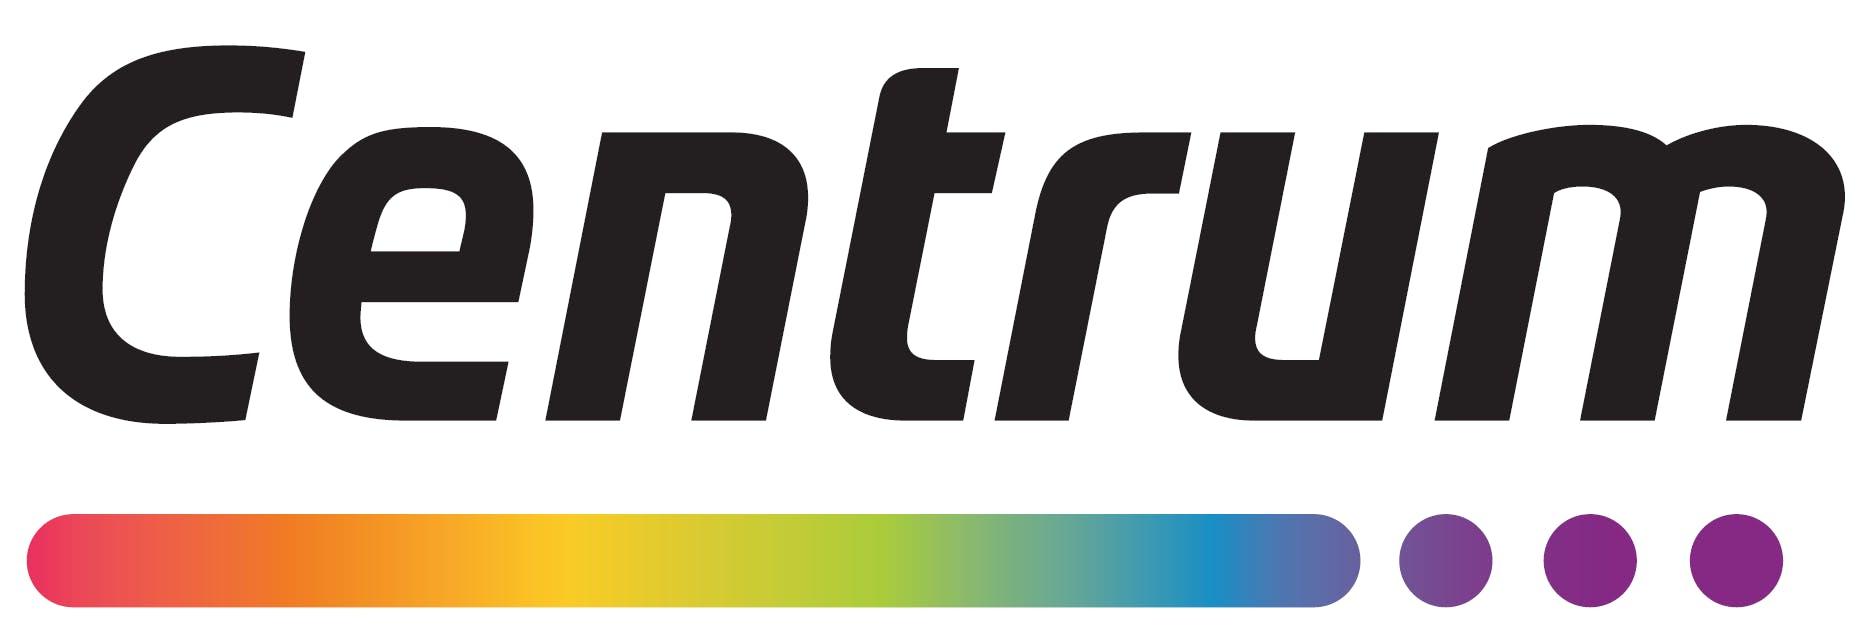 Logo Alternative Text